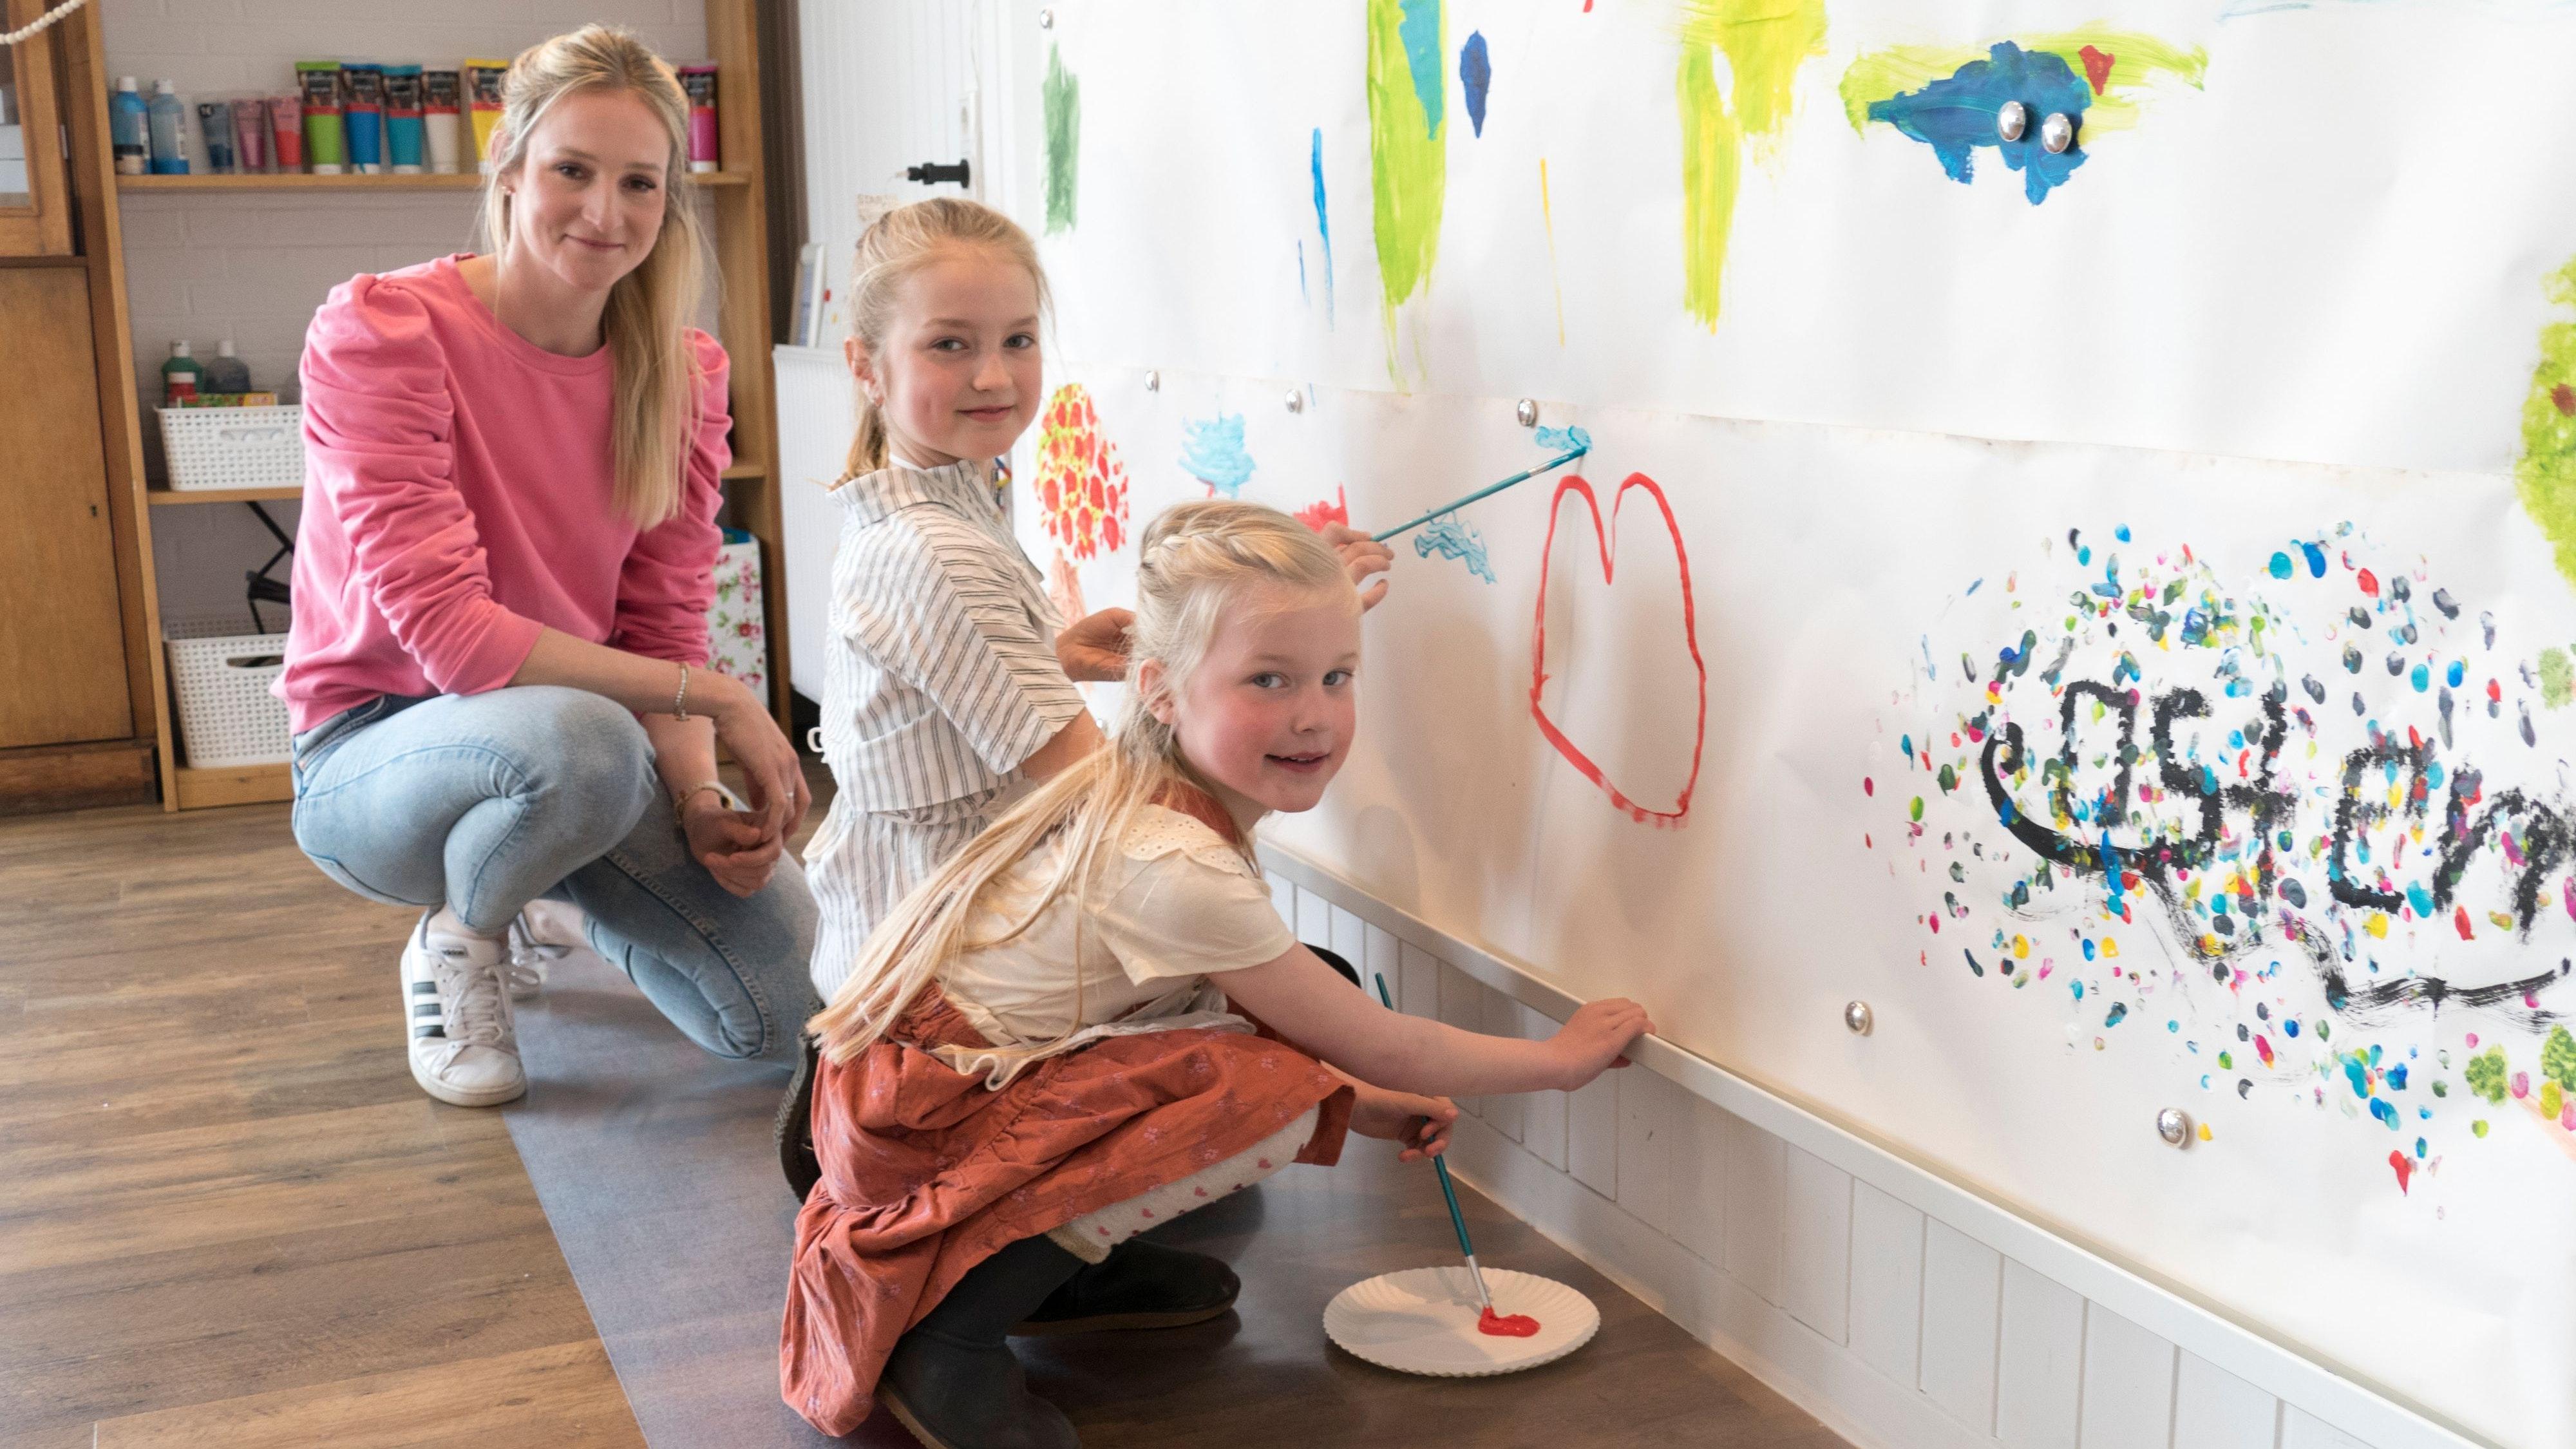 Hauptsache Farbe: Eine ganze Wand hat Stefanie Boss mit Magnetwand und austauschbaren Papierbahnen verkleidet. Ihre Tageskinder, aber auch die eigenen Töchter Carlotta (rechts) und Lea, können dort nach Herzenslust ihrer Kreativität freien Lauf lassen. Foto: Stix